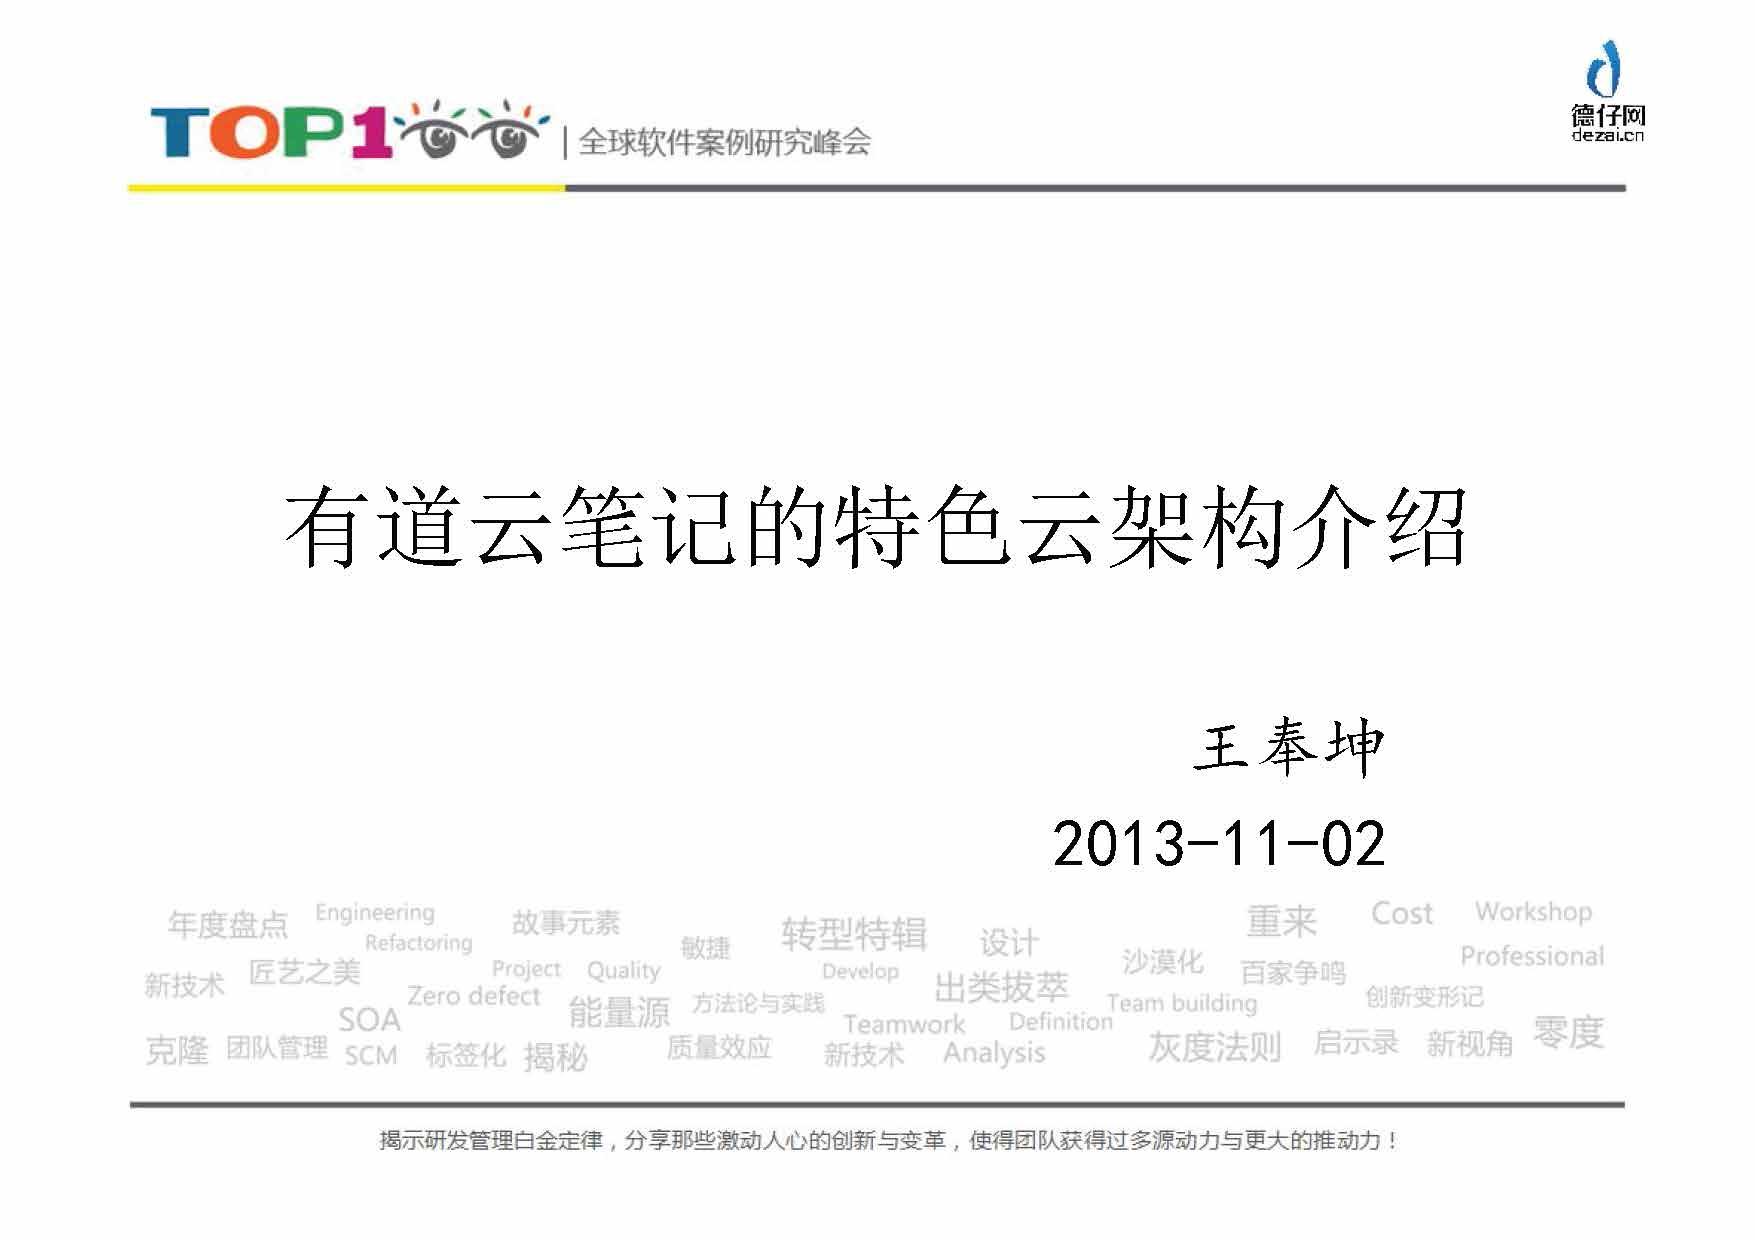 王奉坤-有道云笔记端架构设计与重构